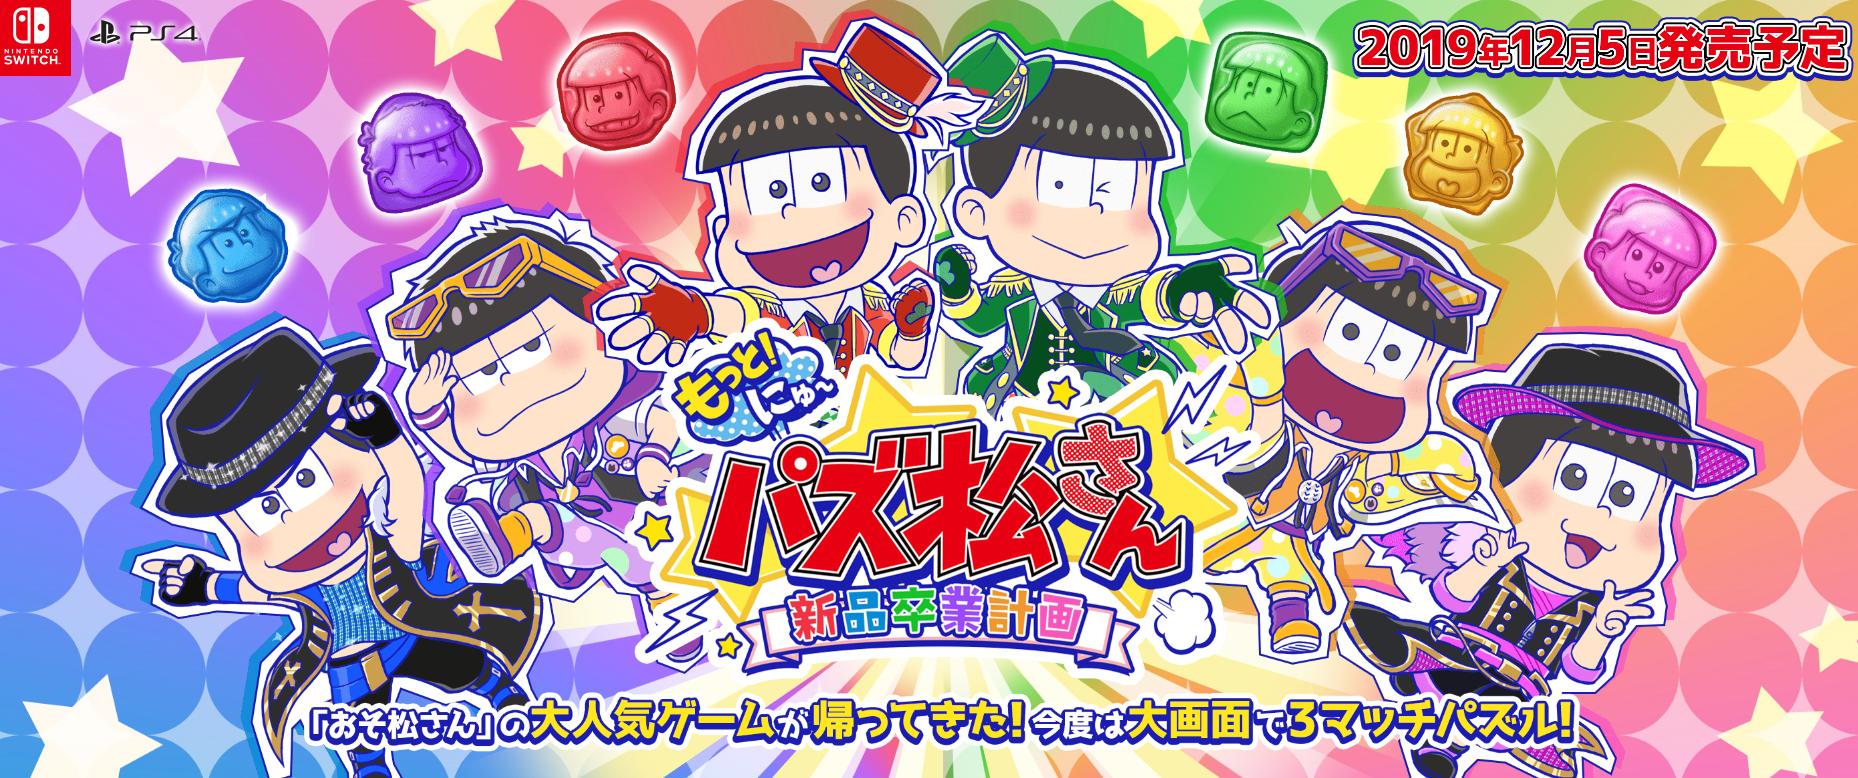 『もっと!にゅ~パズ松さん 新品卒業計画』がPS4/Switchで12月5日に発売決定!